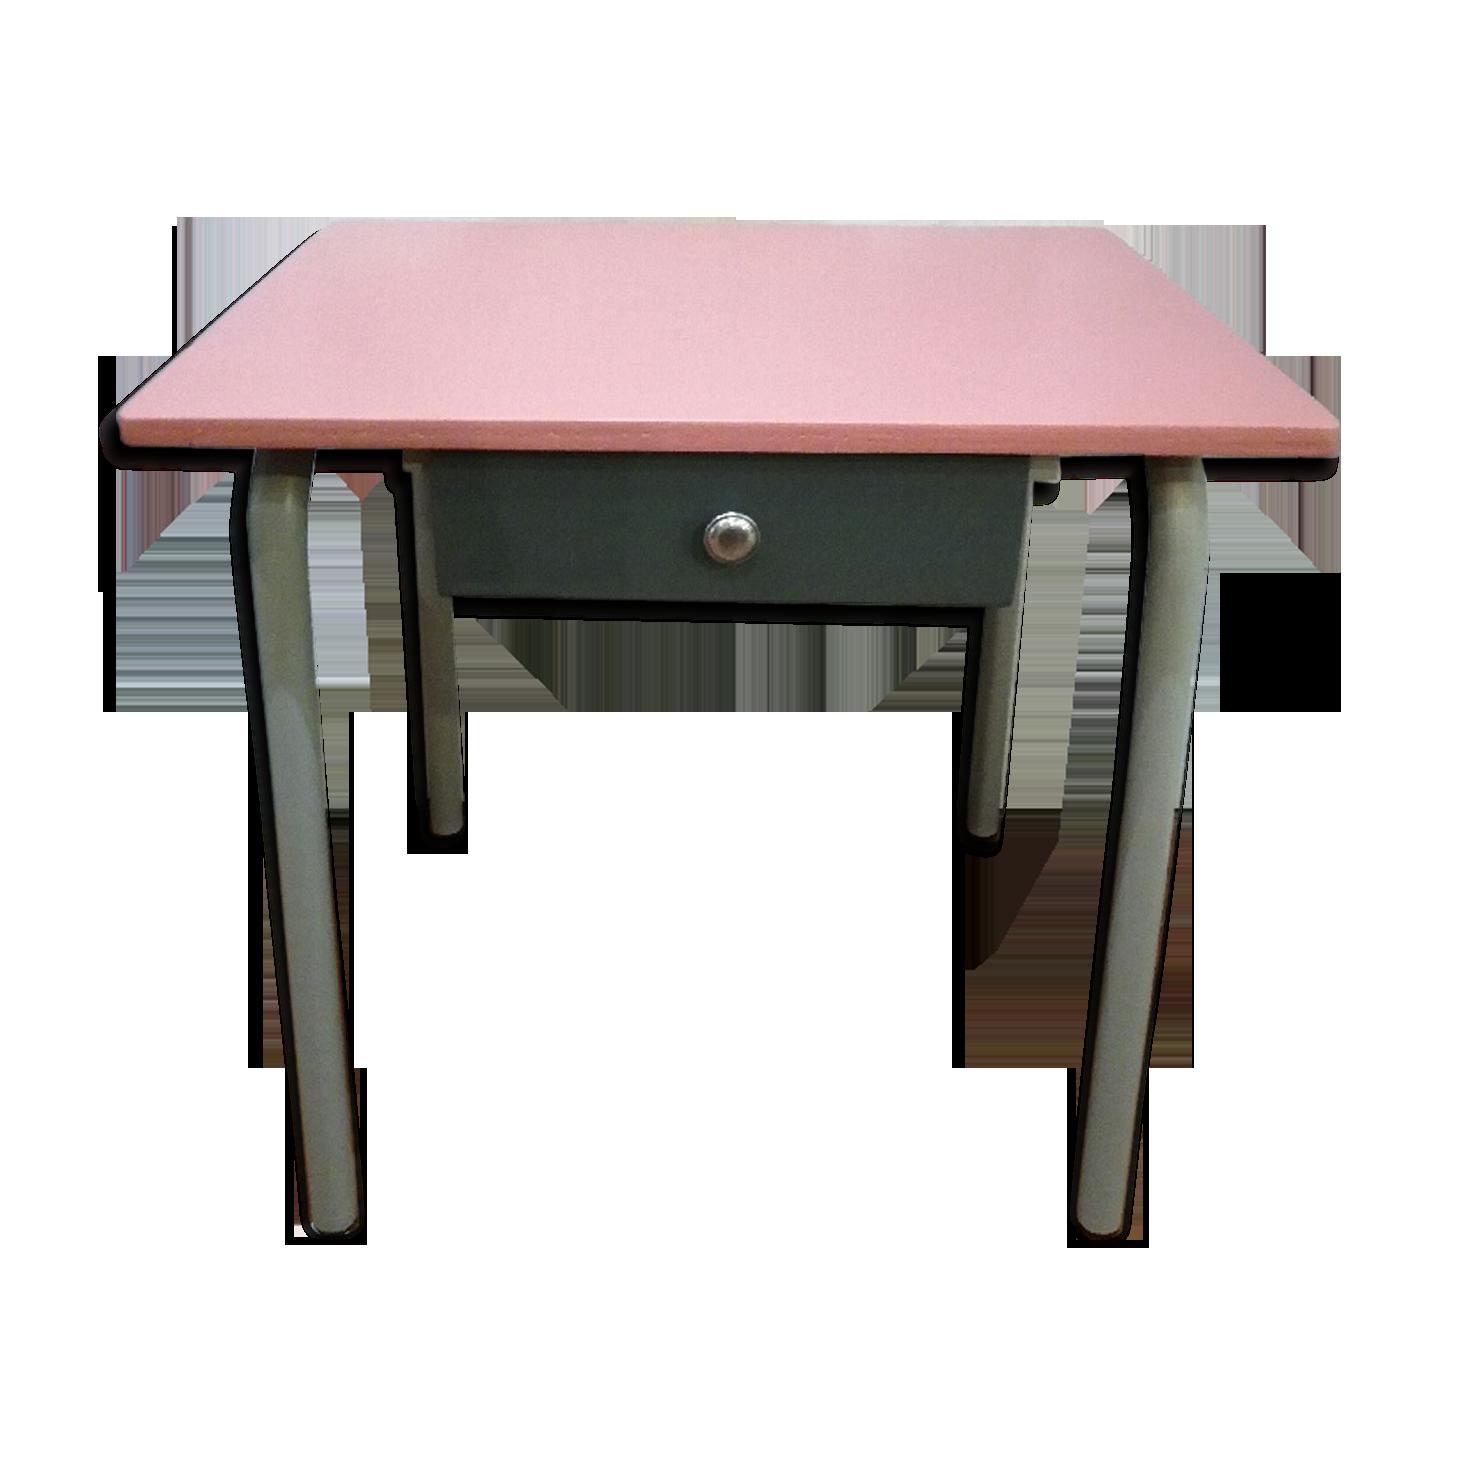 Bureau avec tiroir bois matériau rose vintage bcmzcue